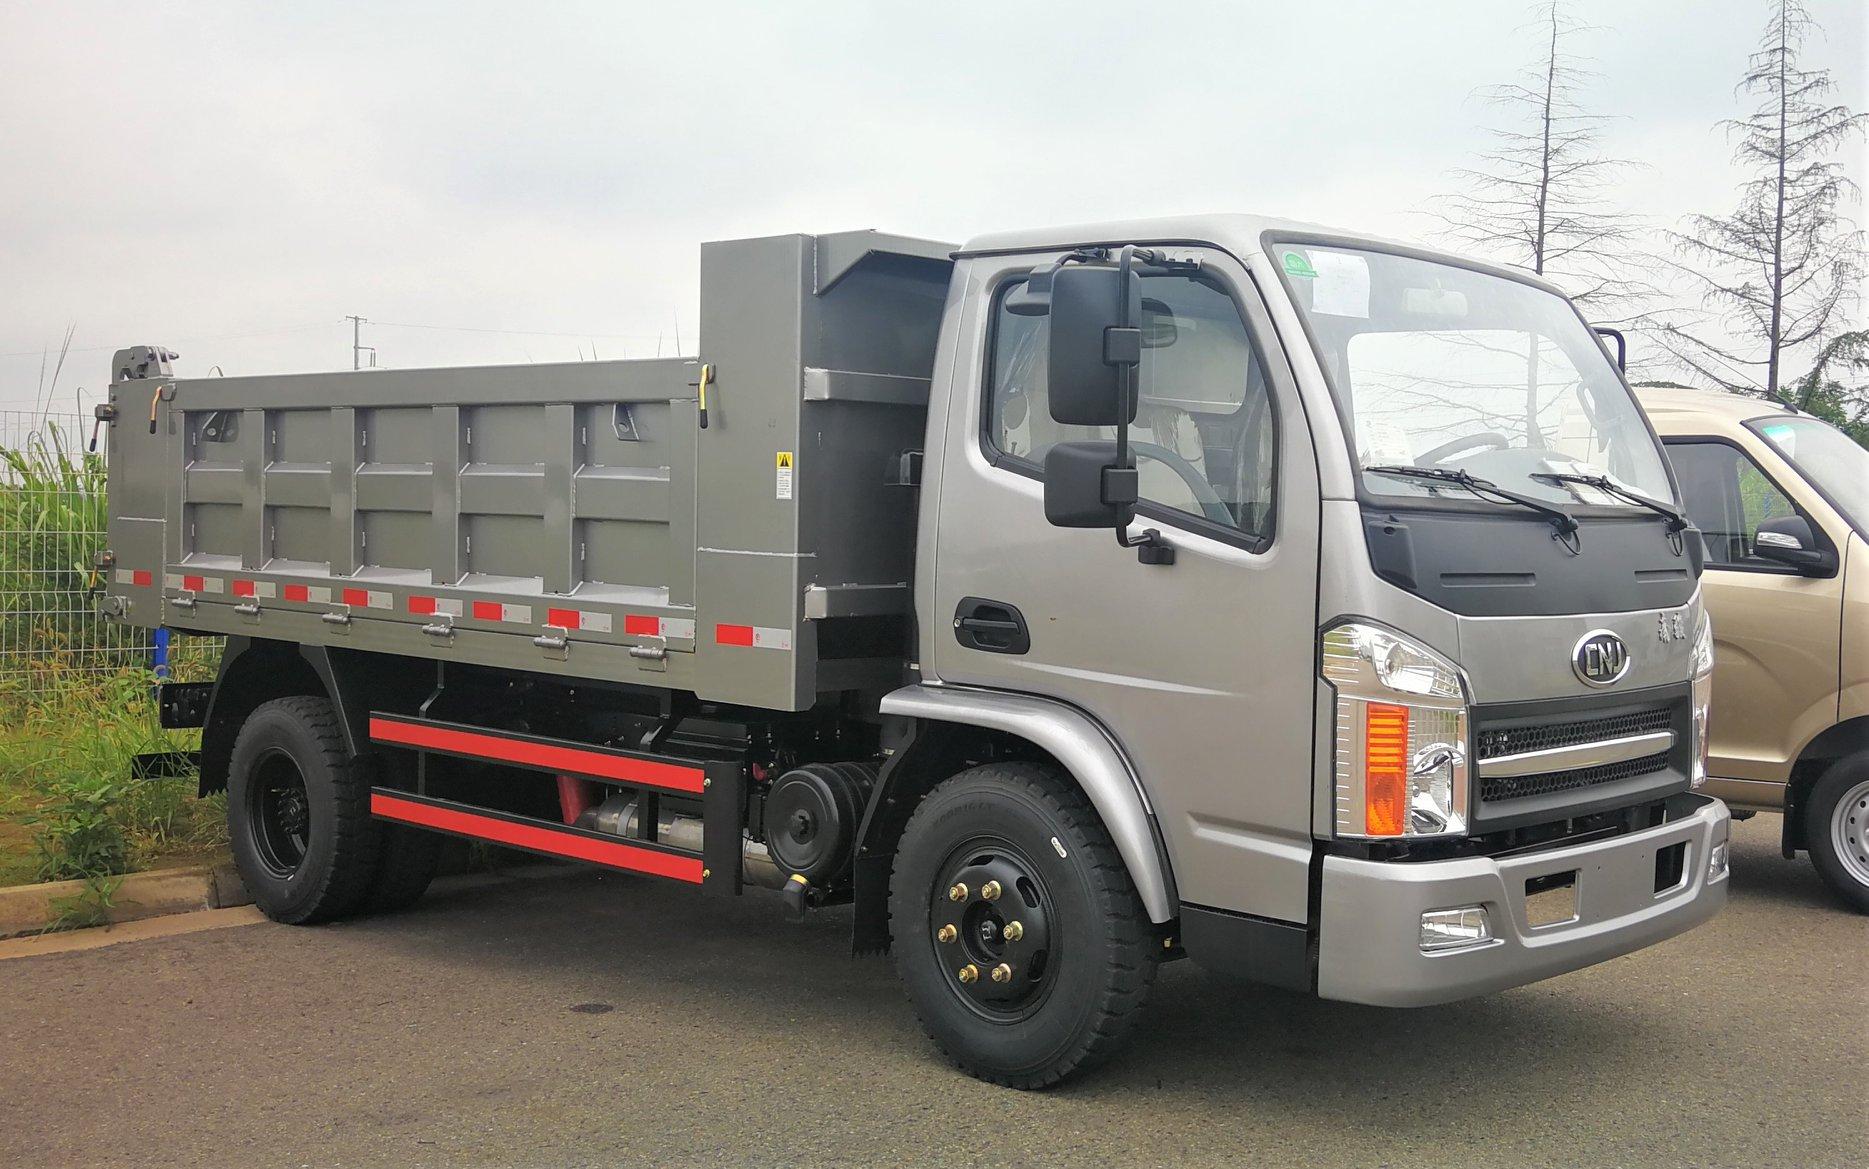 Cnj-low-entry-trucks-kunnen-voldoen-aan-de-speciale-eisen-van-het-werken-onder-mijnbouw-of-kelder--1